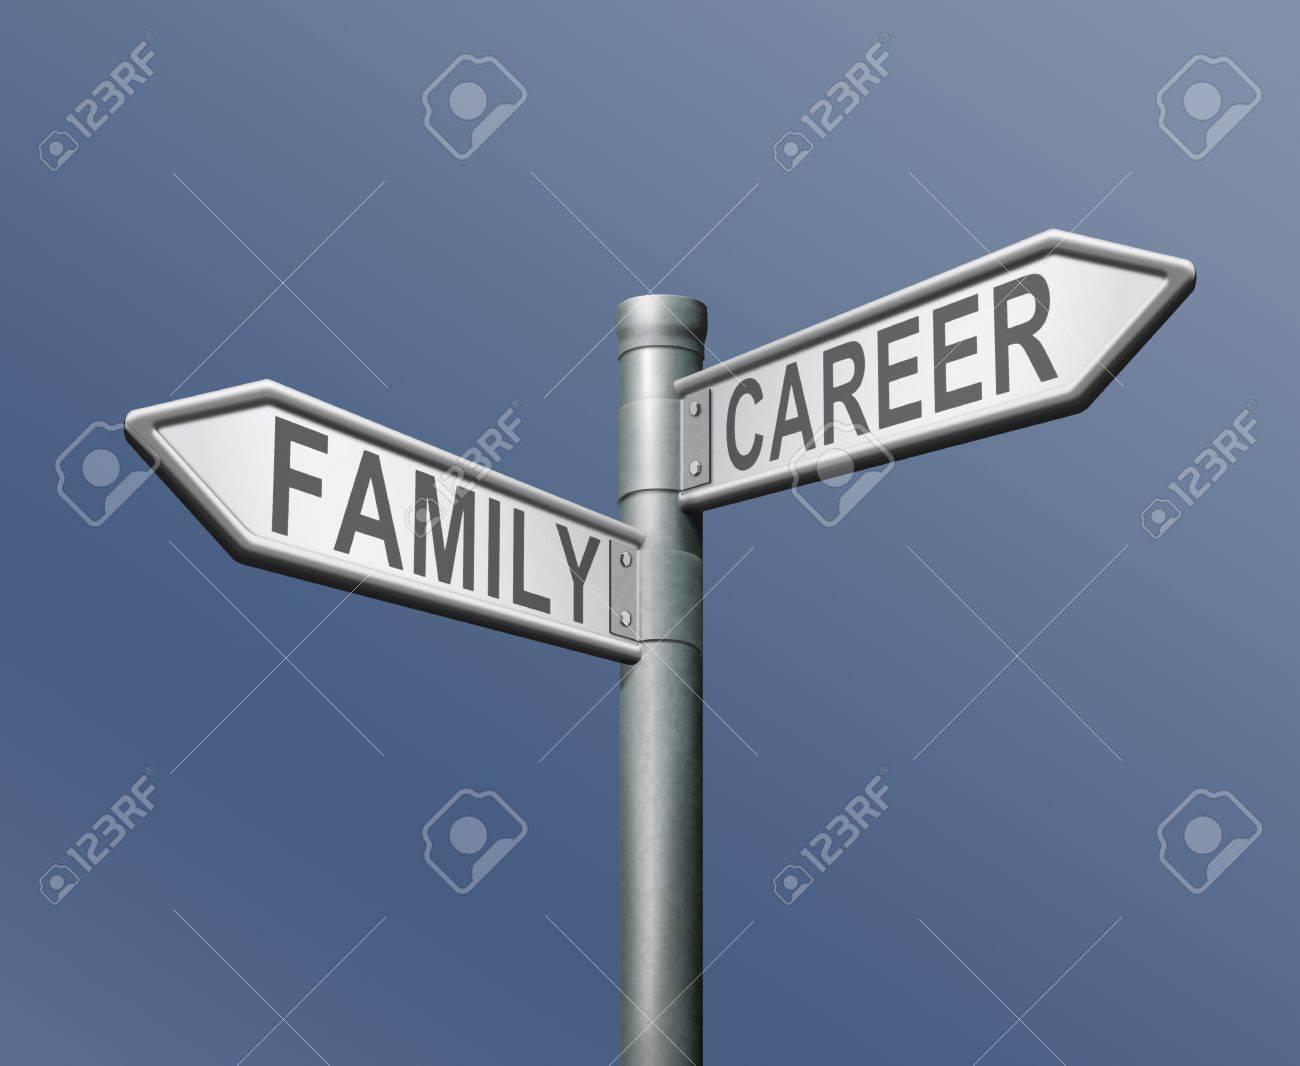 family or career difficult choice and balance between work and stock photo family or career difficult choice and balance between work and private life dilemma road sign arrow text